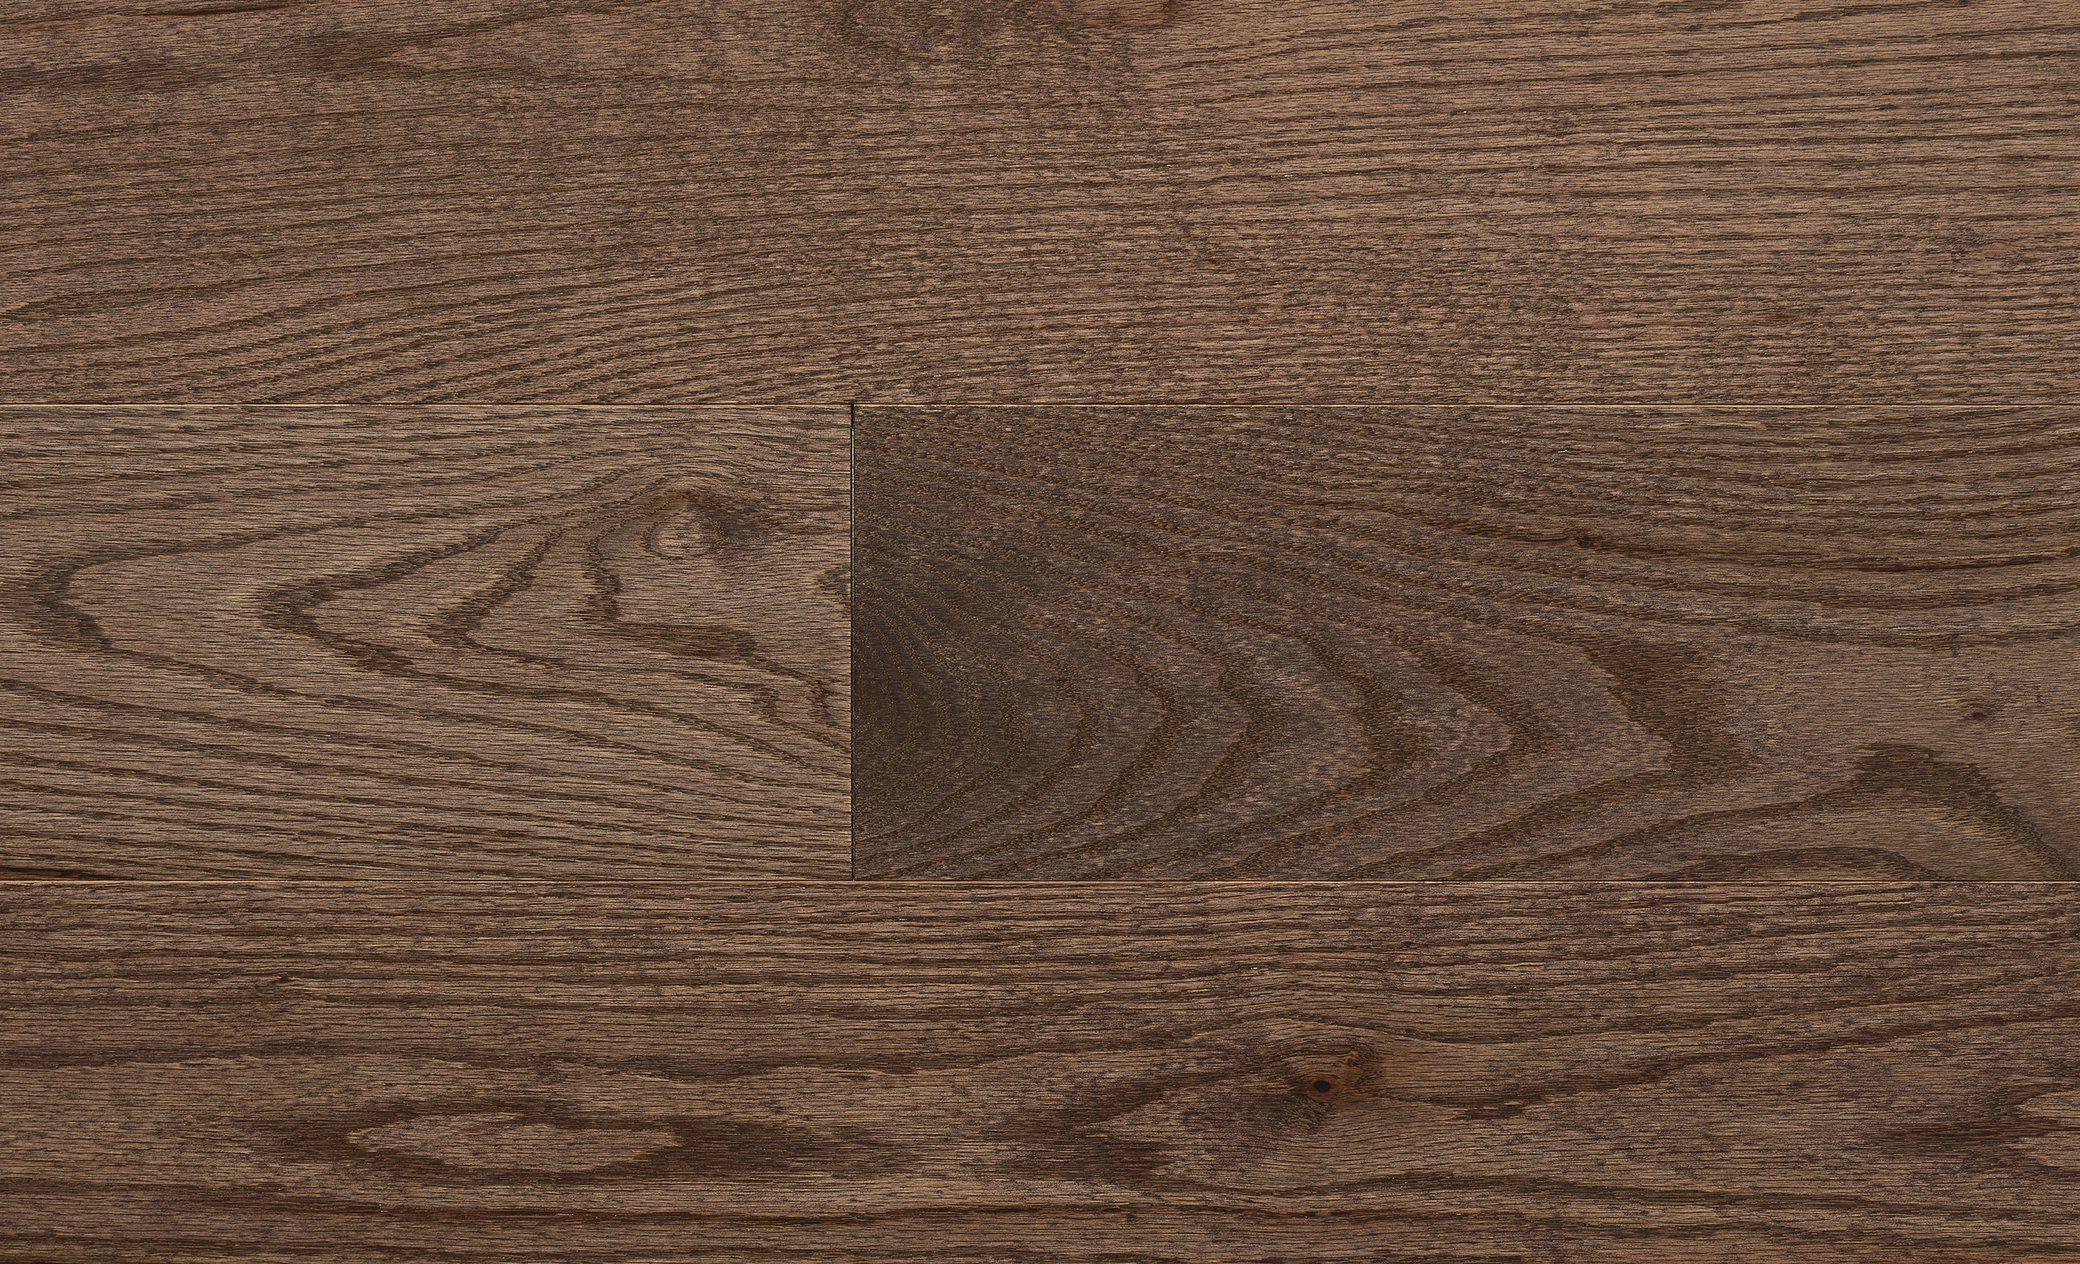 Mercier Red Oak Eclipse Solid Width: 2 1/4